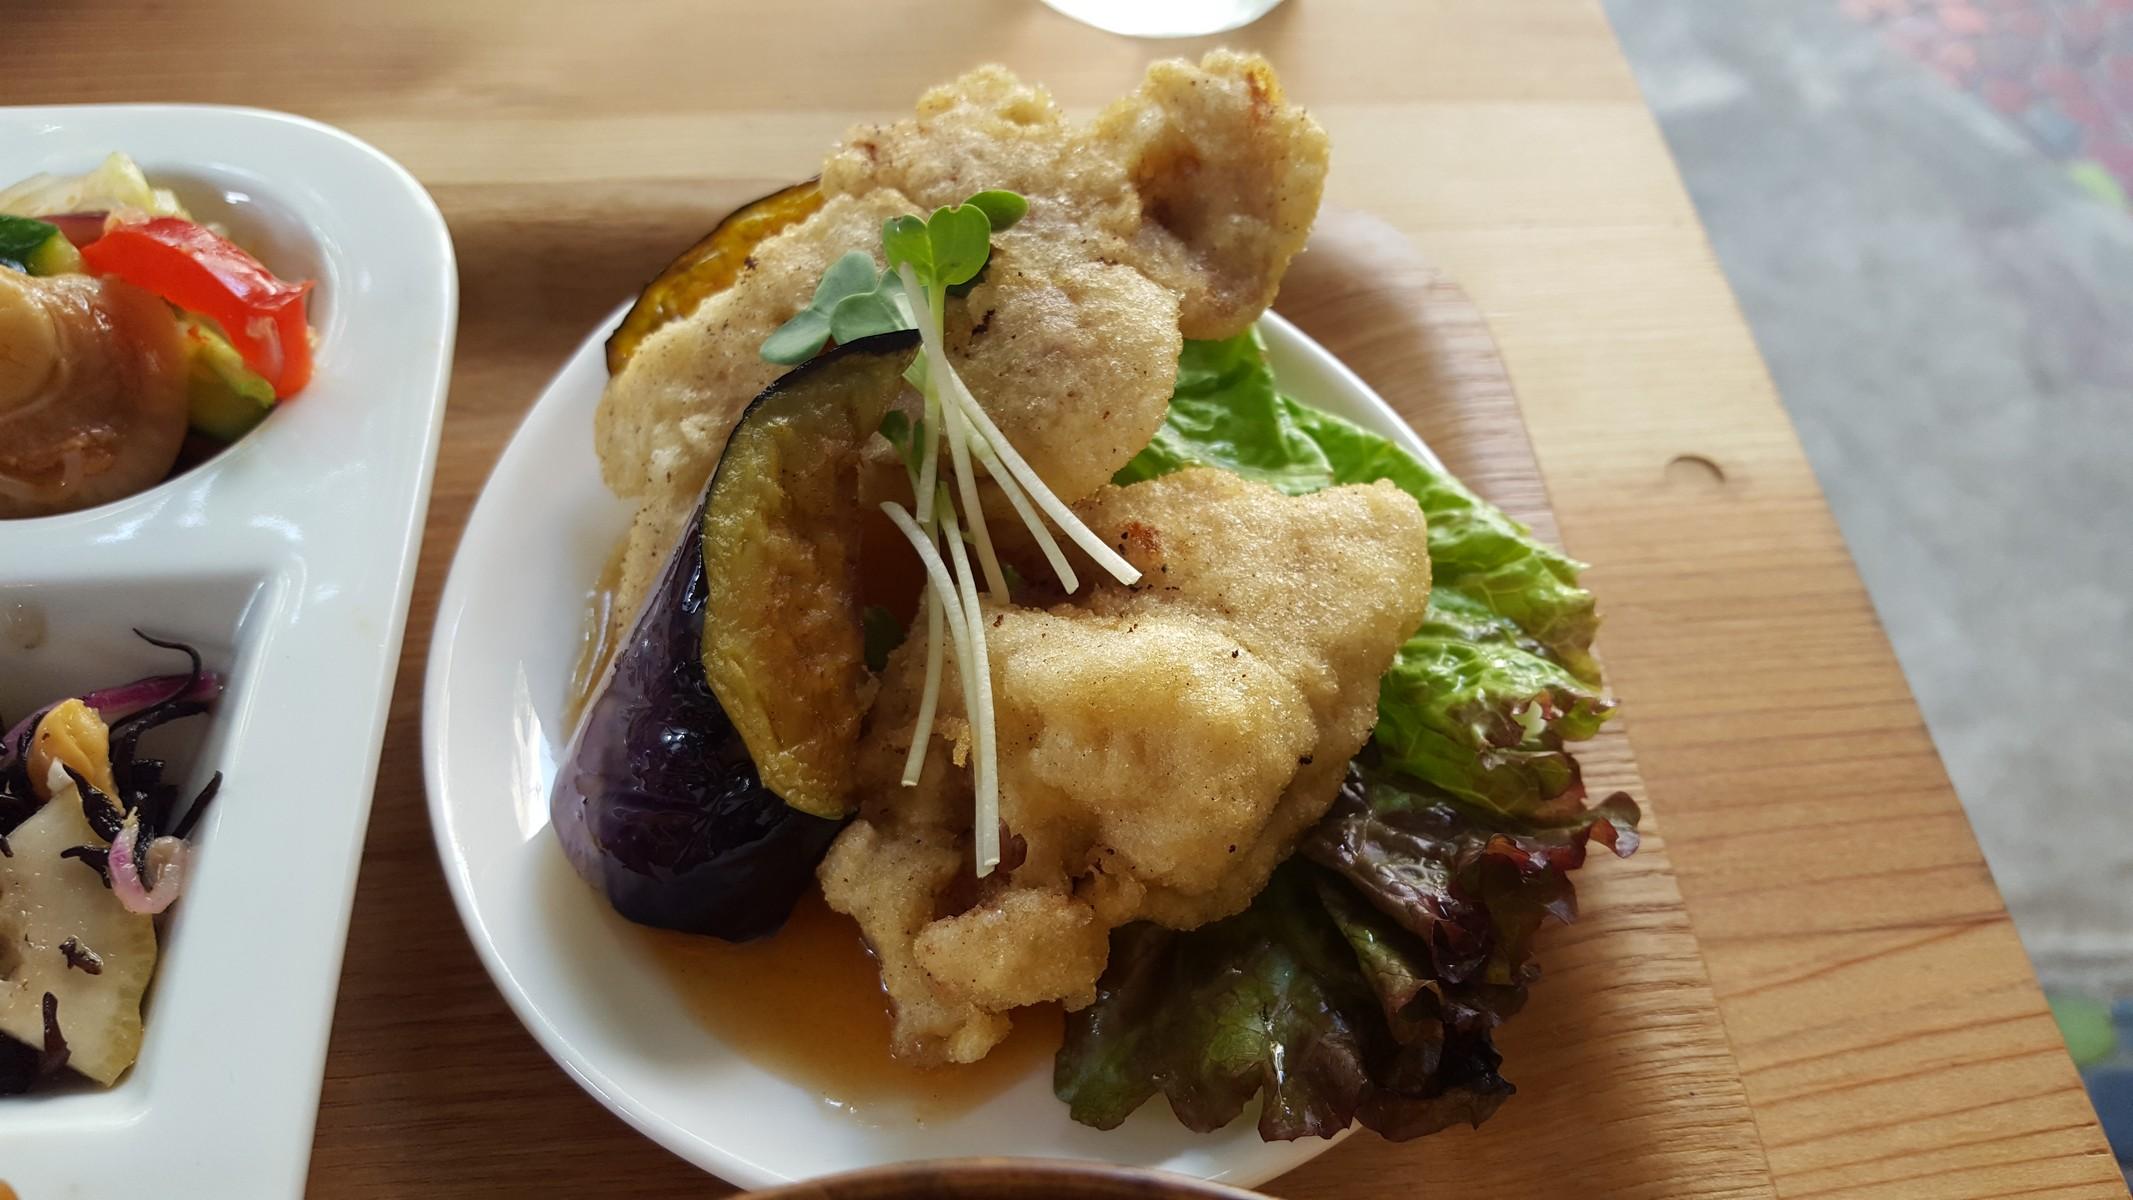 日替わりメインの鶏の天ぷら甘酢あんかけ【オーガニックデリみどりえ/祐天寺】